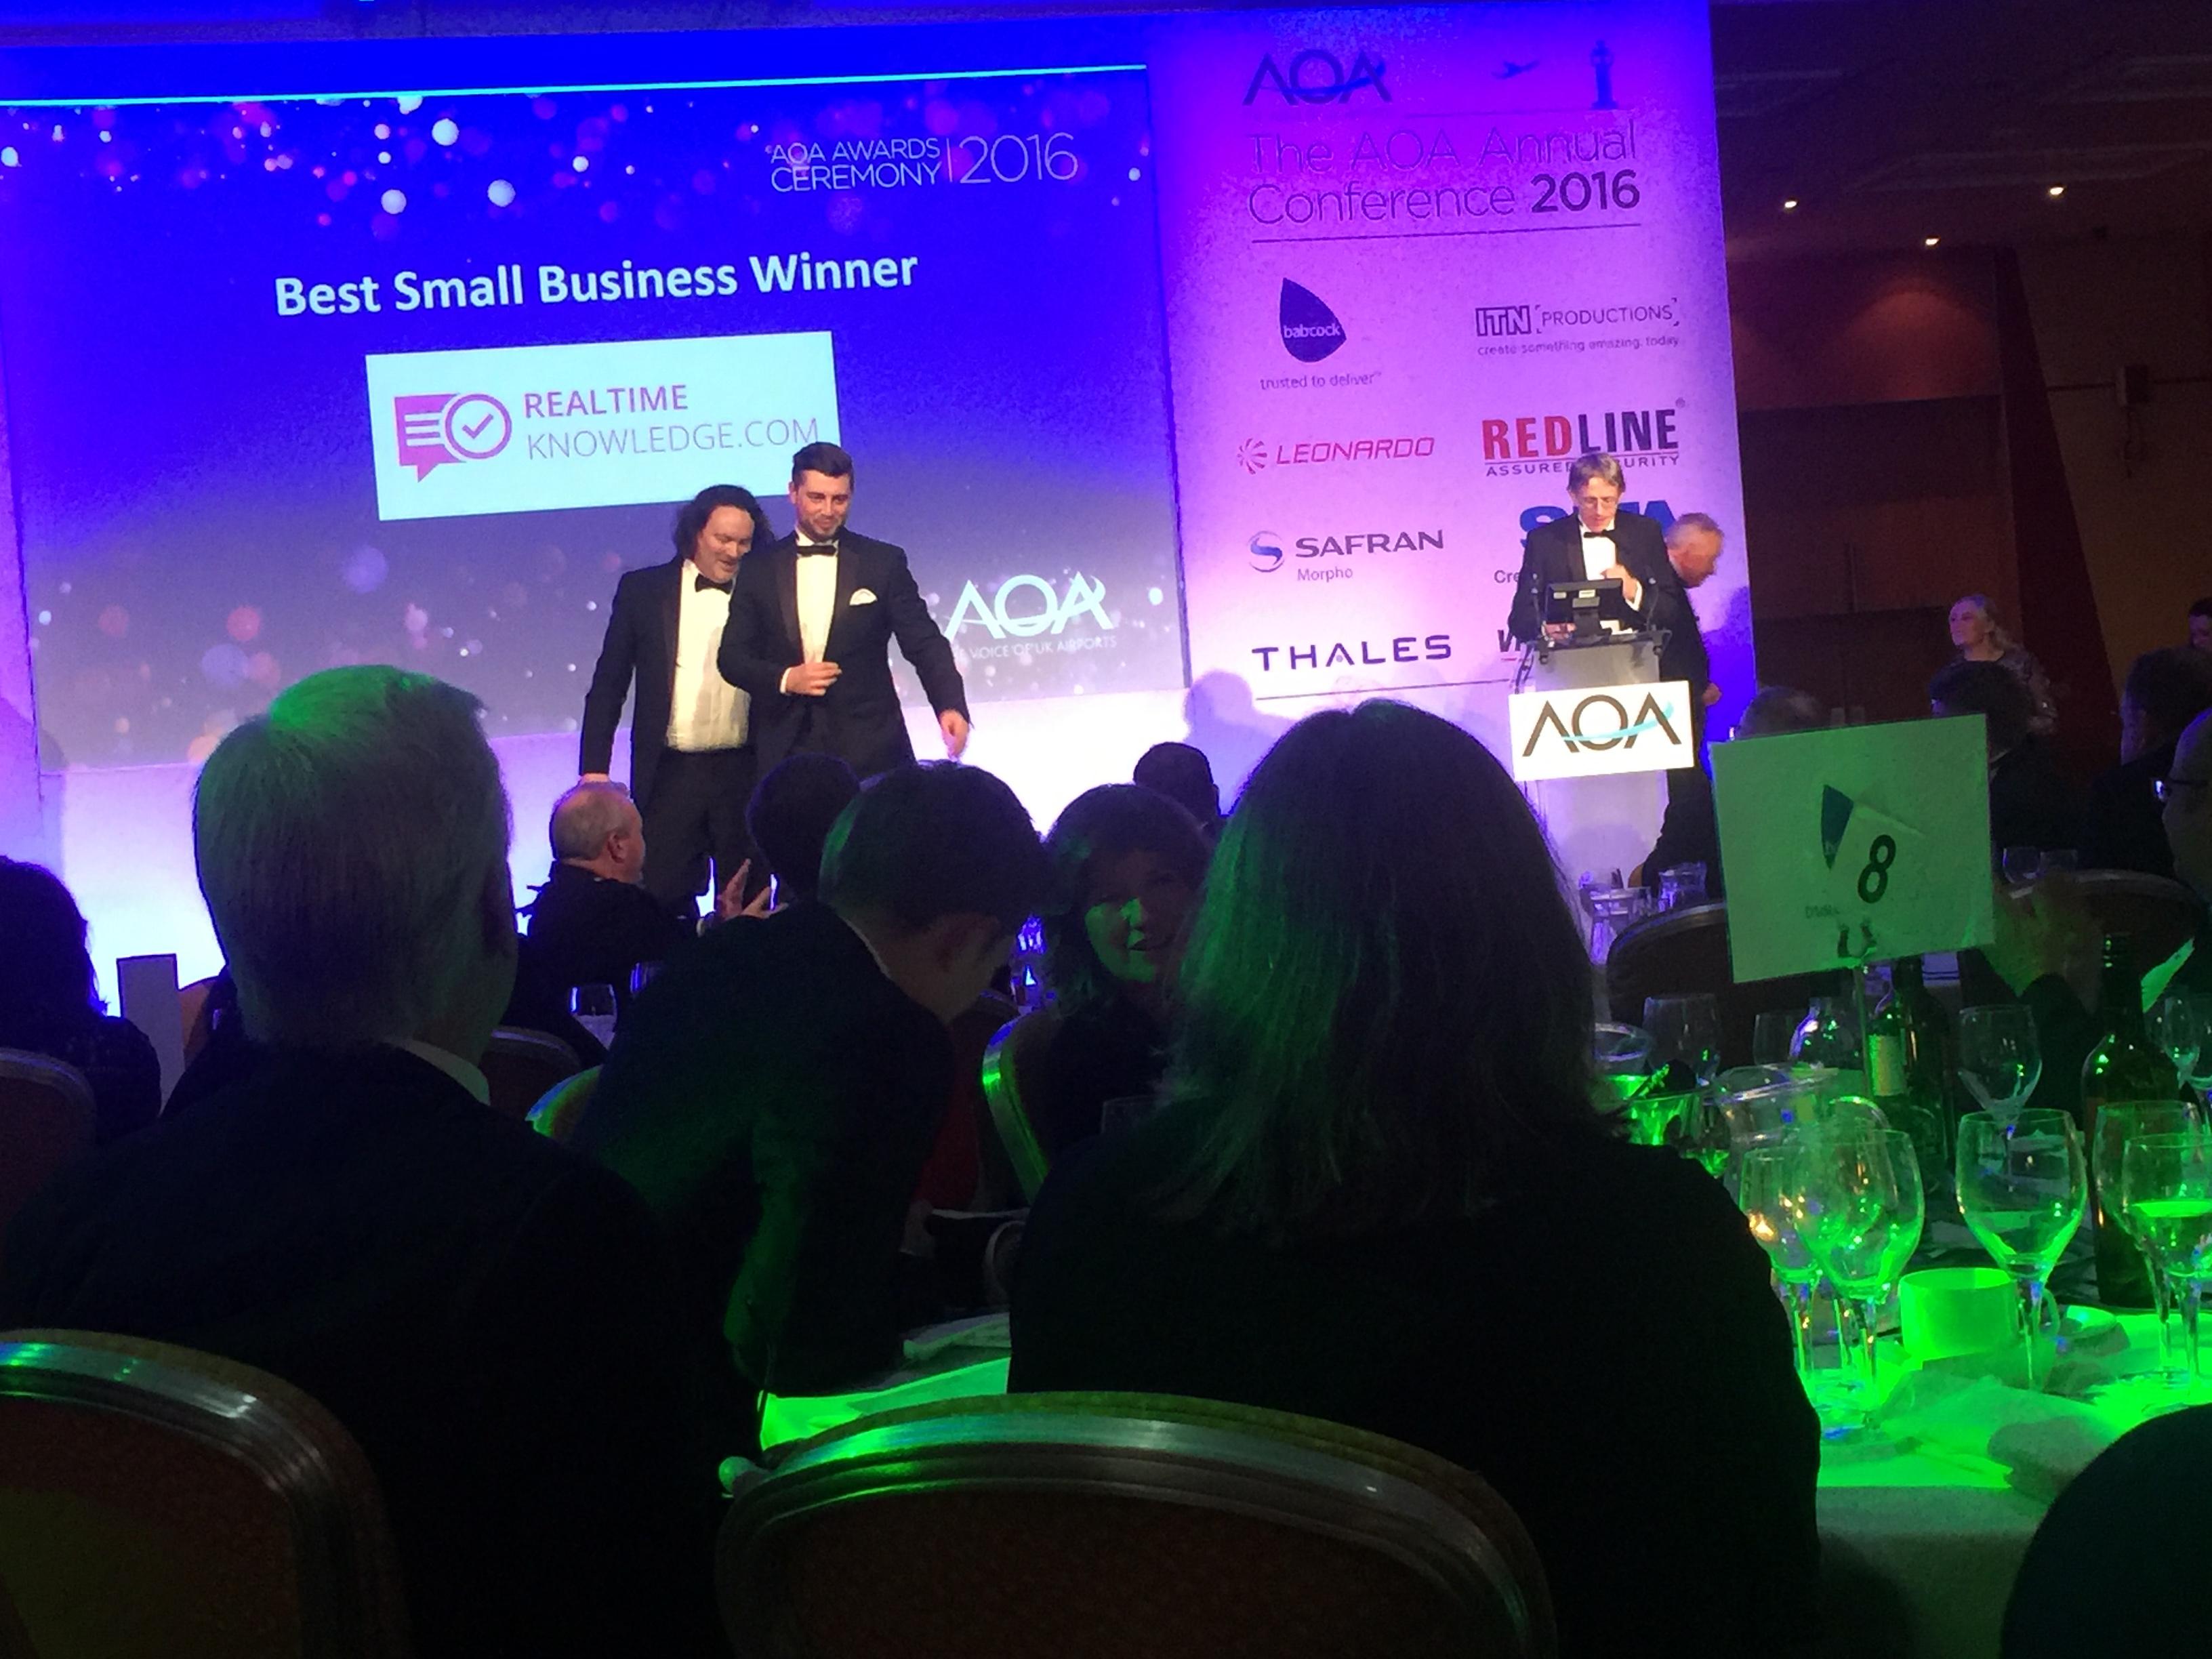 receiving aoa award - best small business